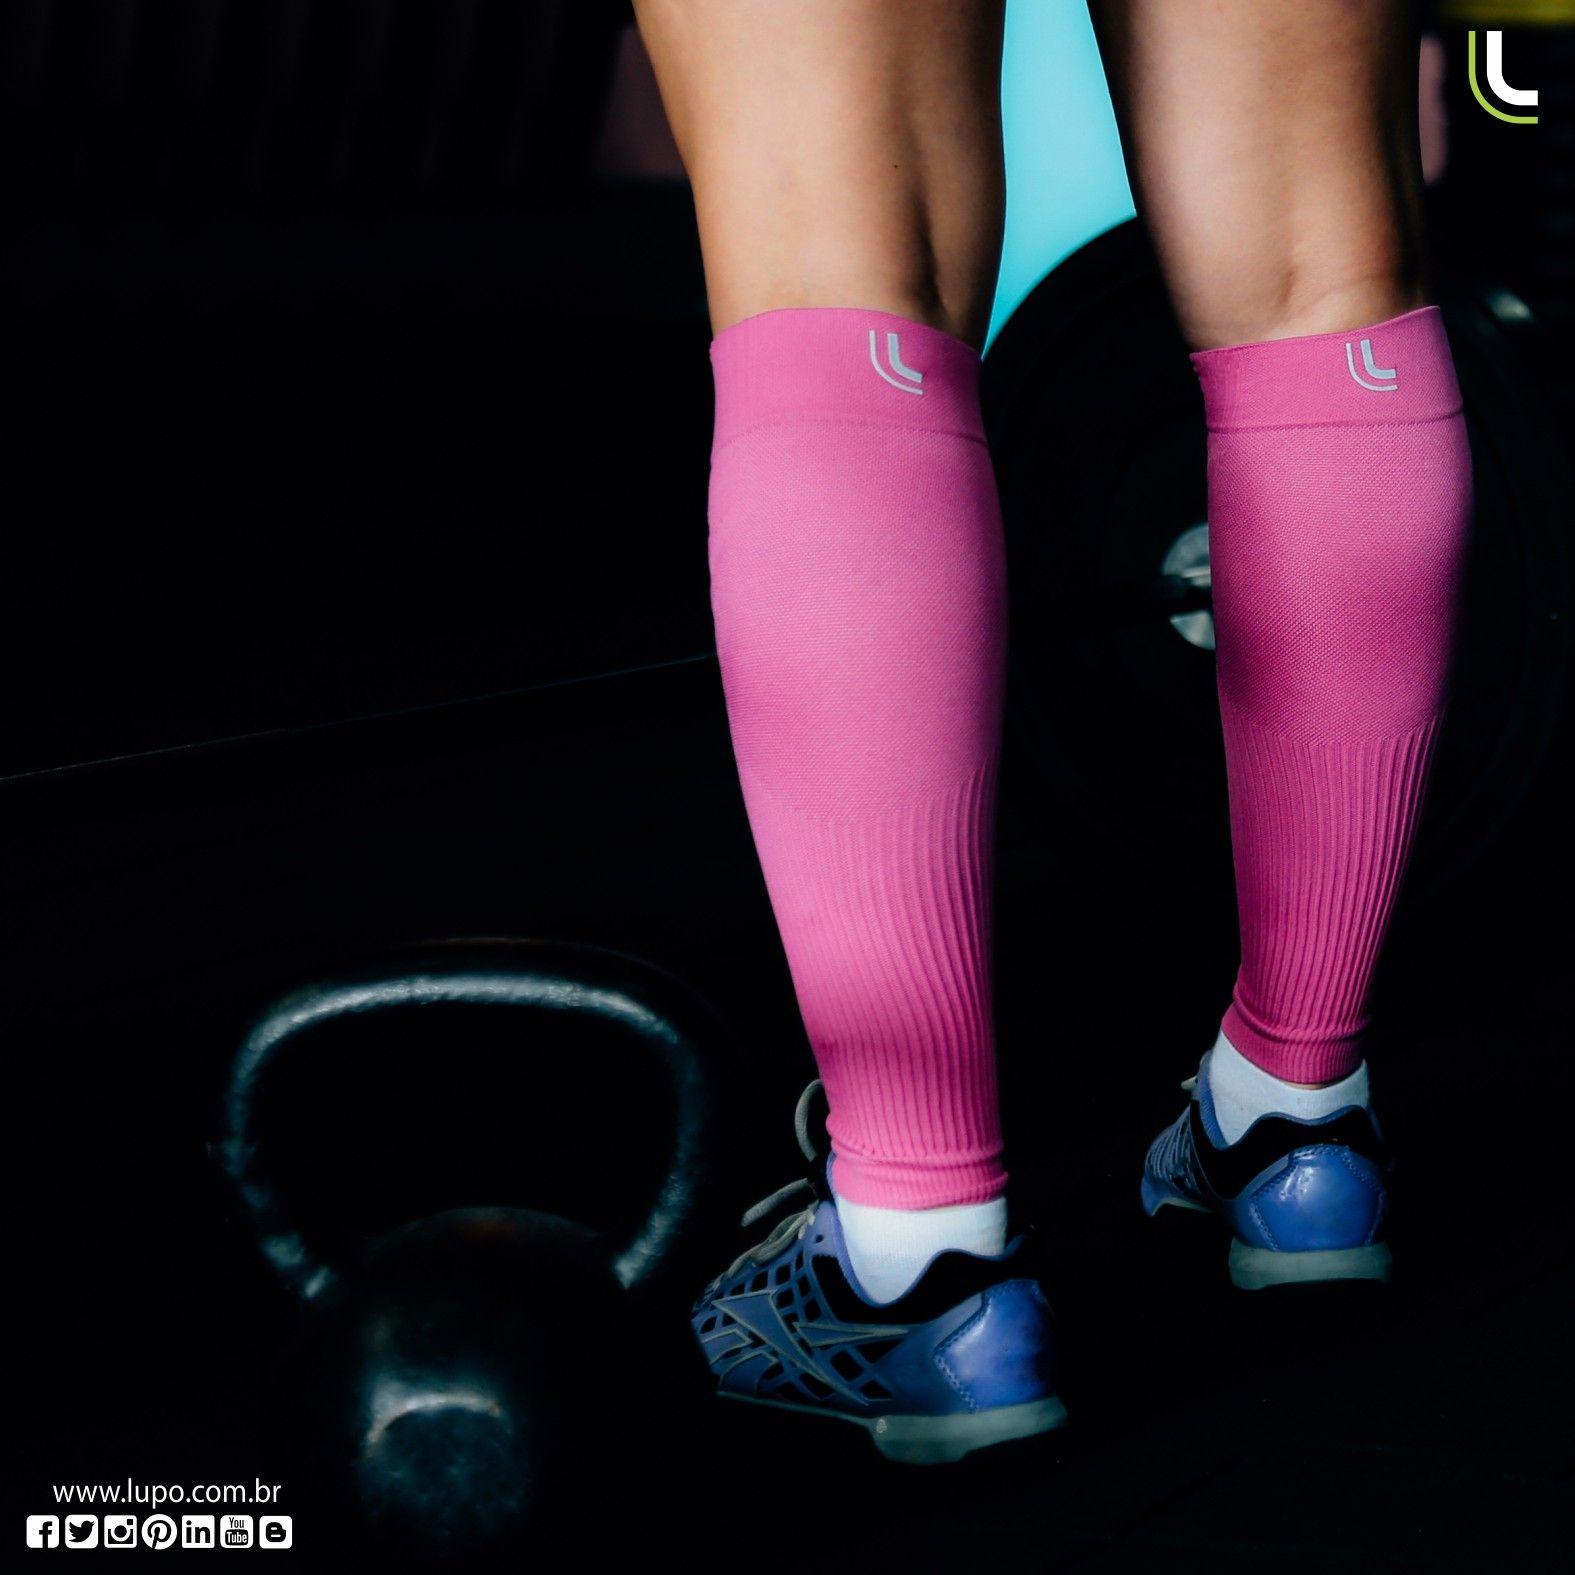 33a7939db O canelito de compressão Lupo Sport estimula a circulação e reduz a fadiga  muscular